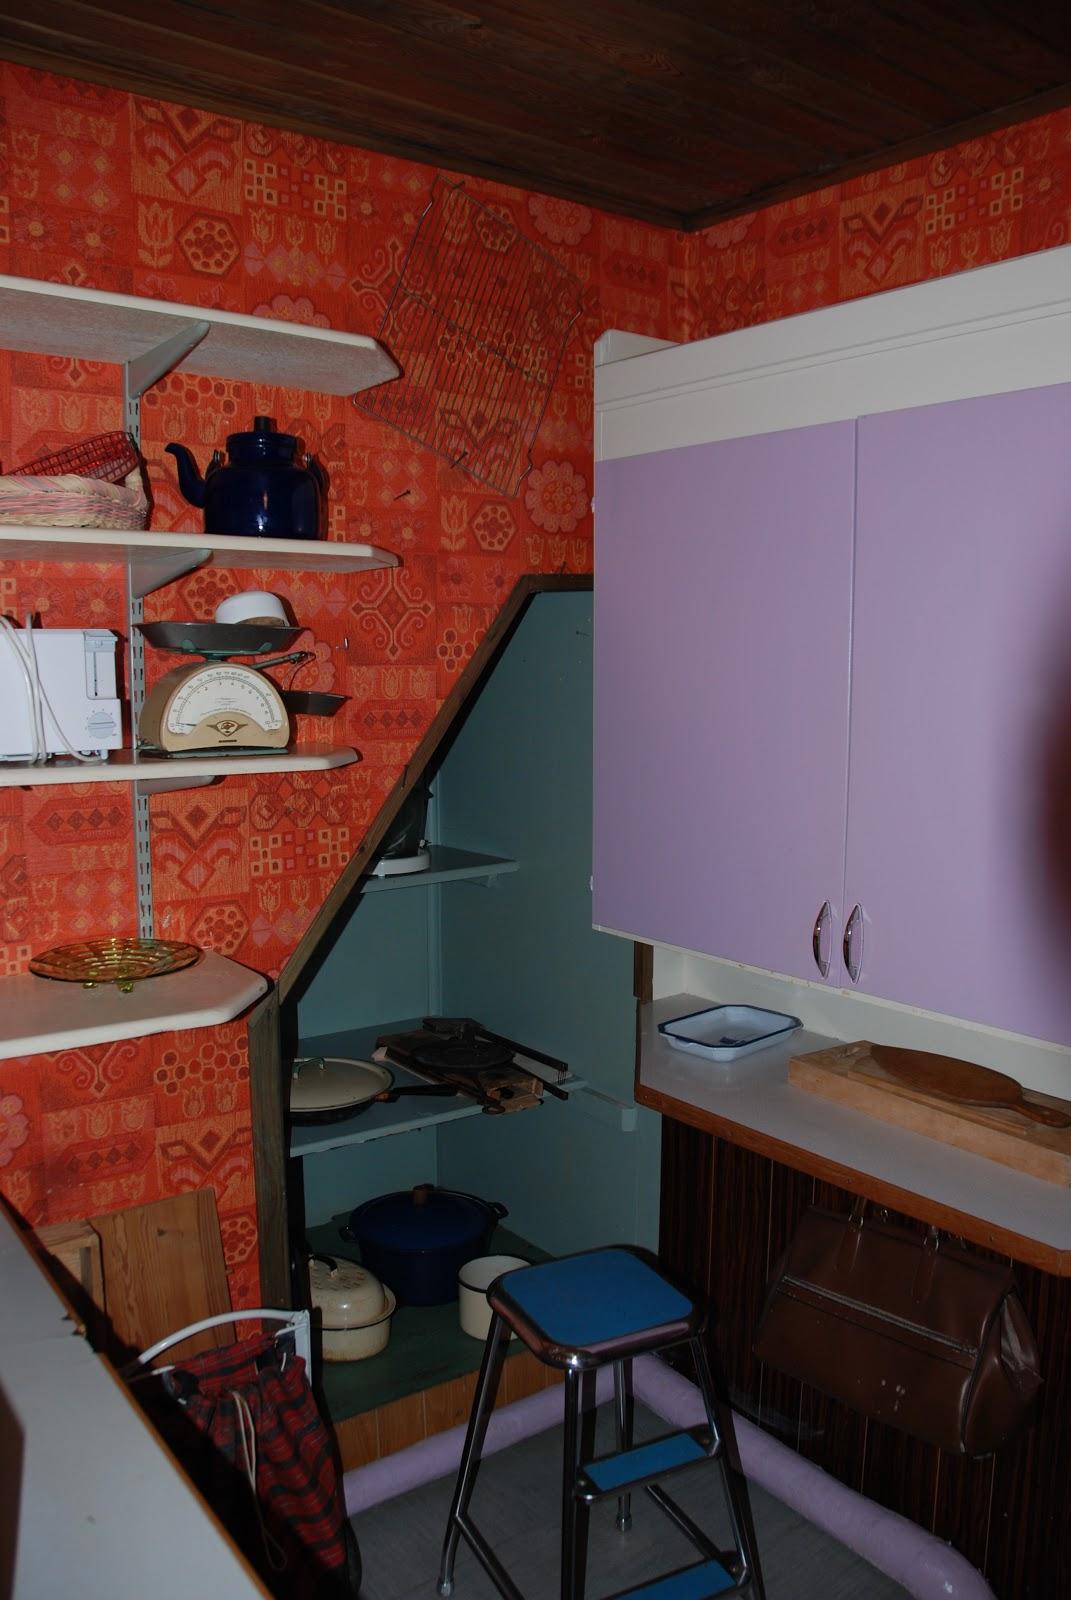 Livet i Lerberget: Rivningshistorik - blivande badrum